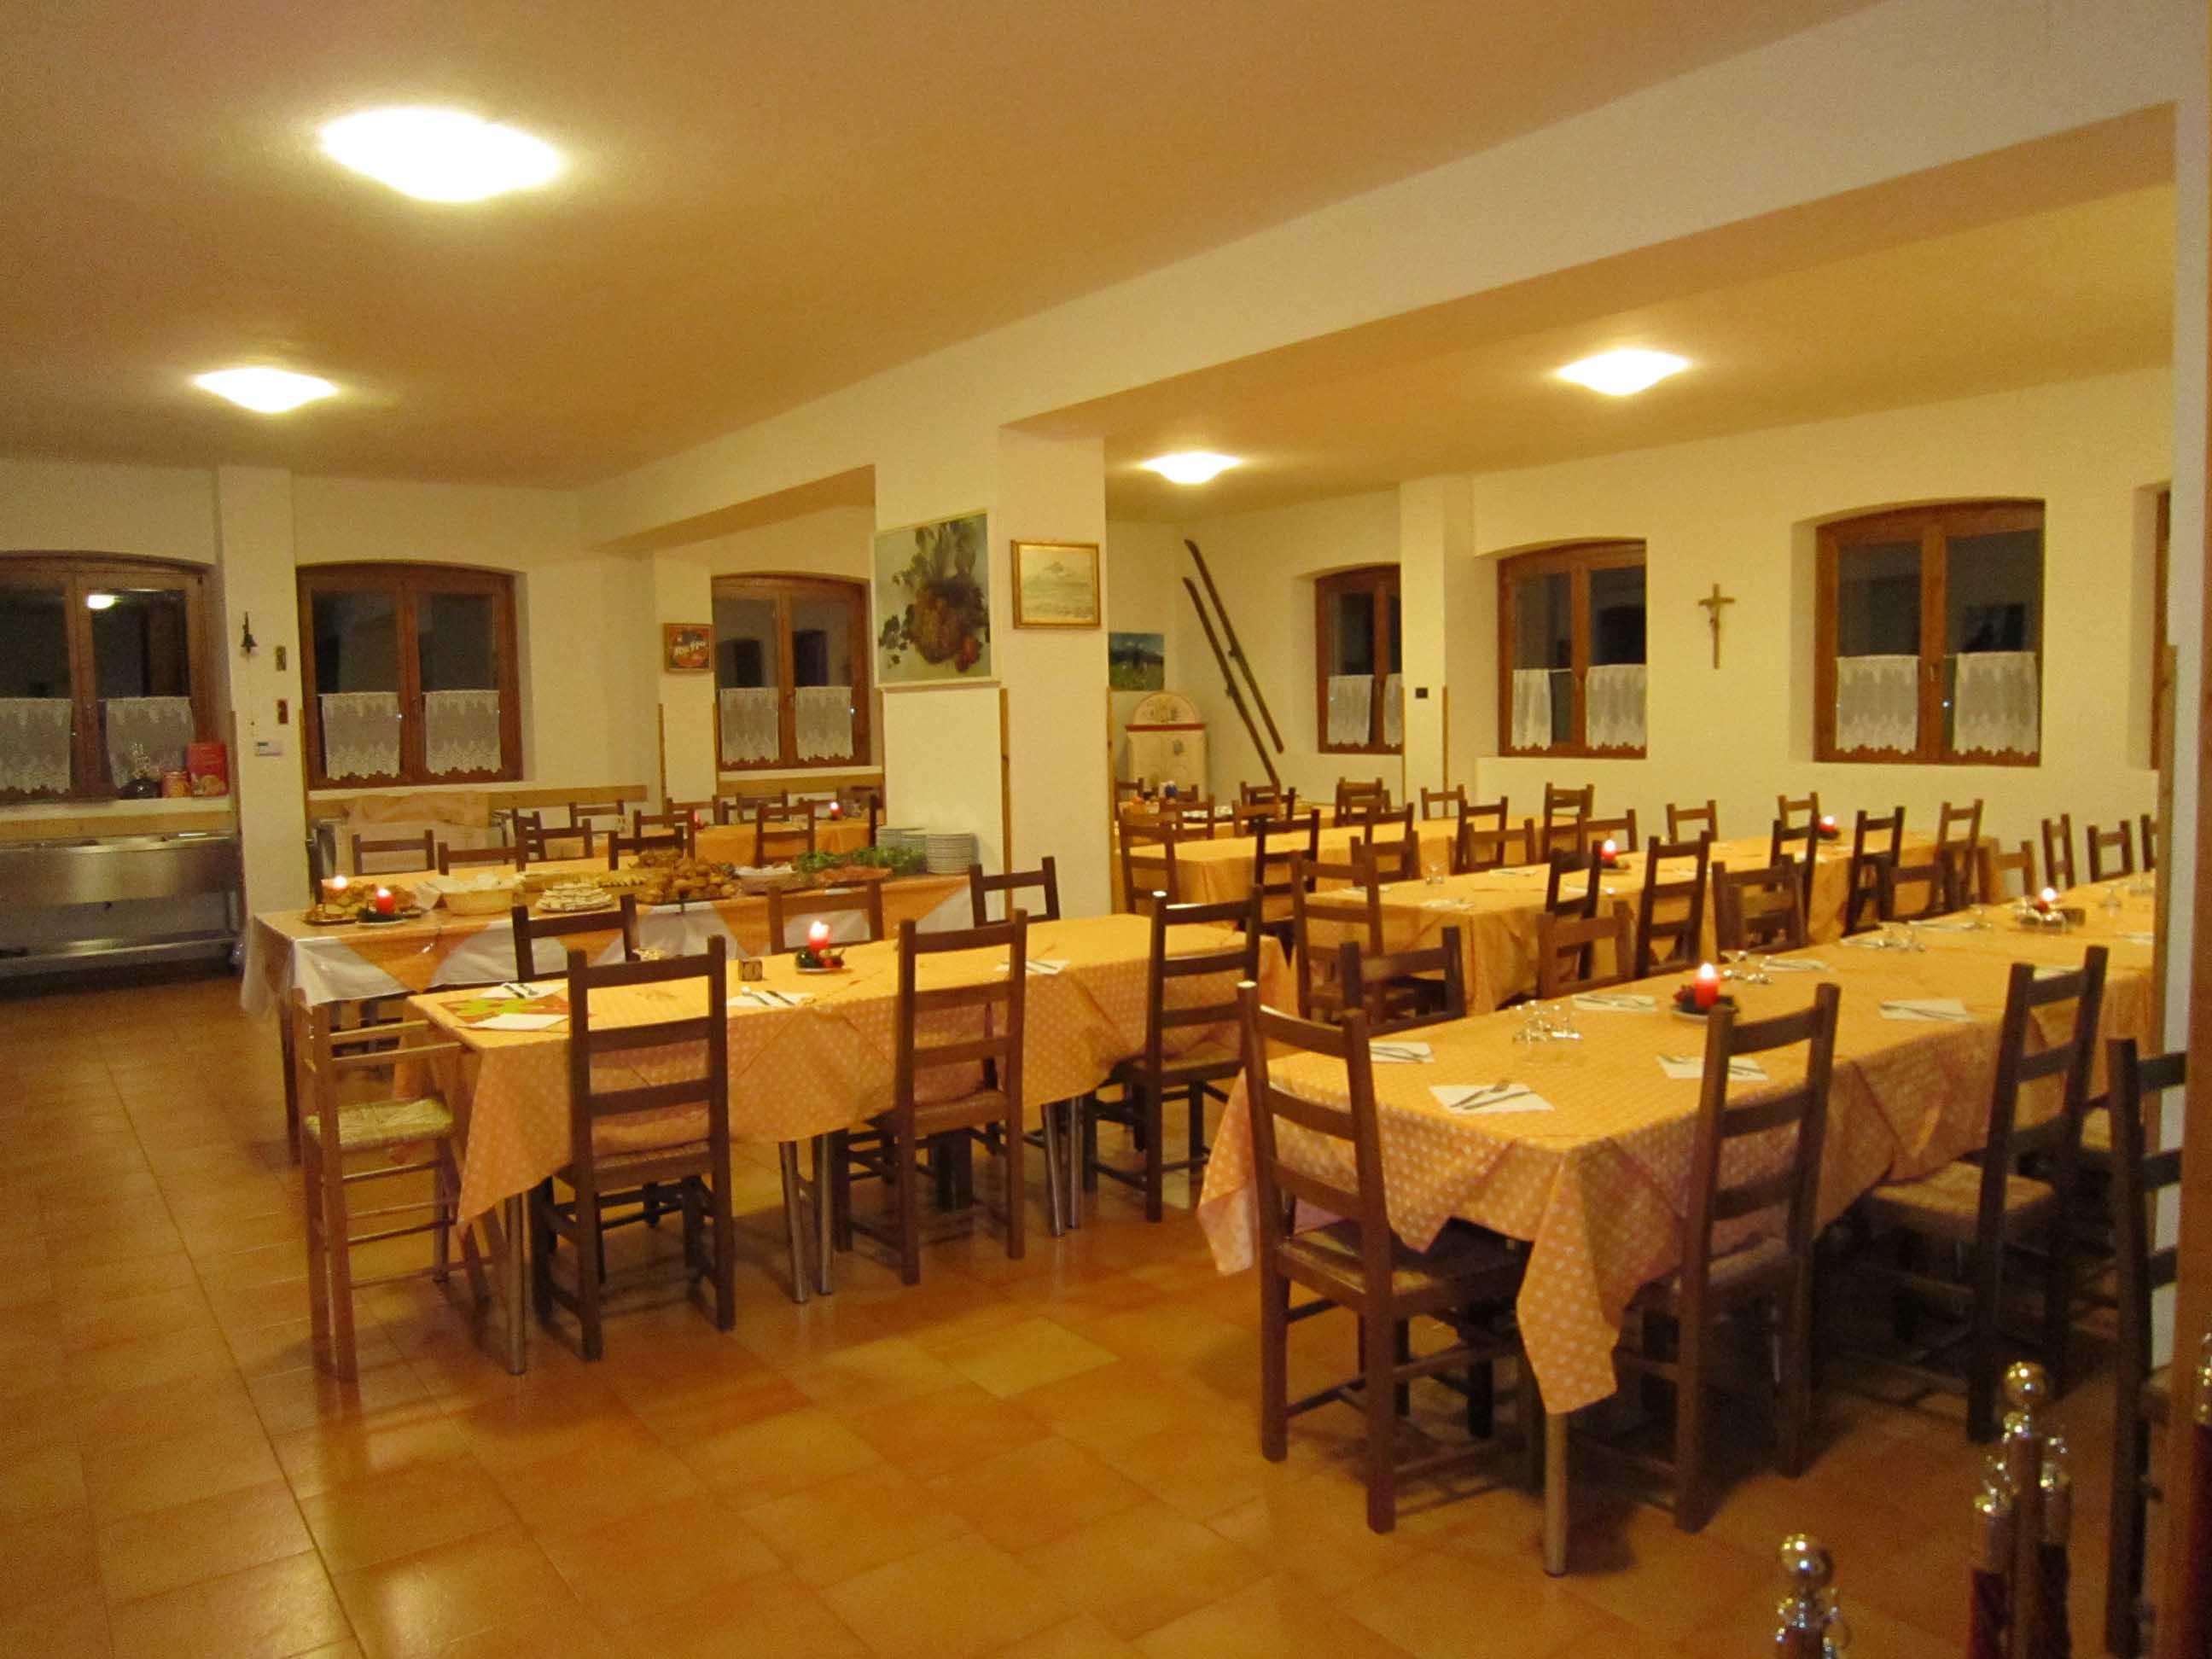 Casa Alpina A Canale D'Agordo (BL) Rif. 358 #BF3704 2592 1944 Sala Da Pranzo Tende